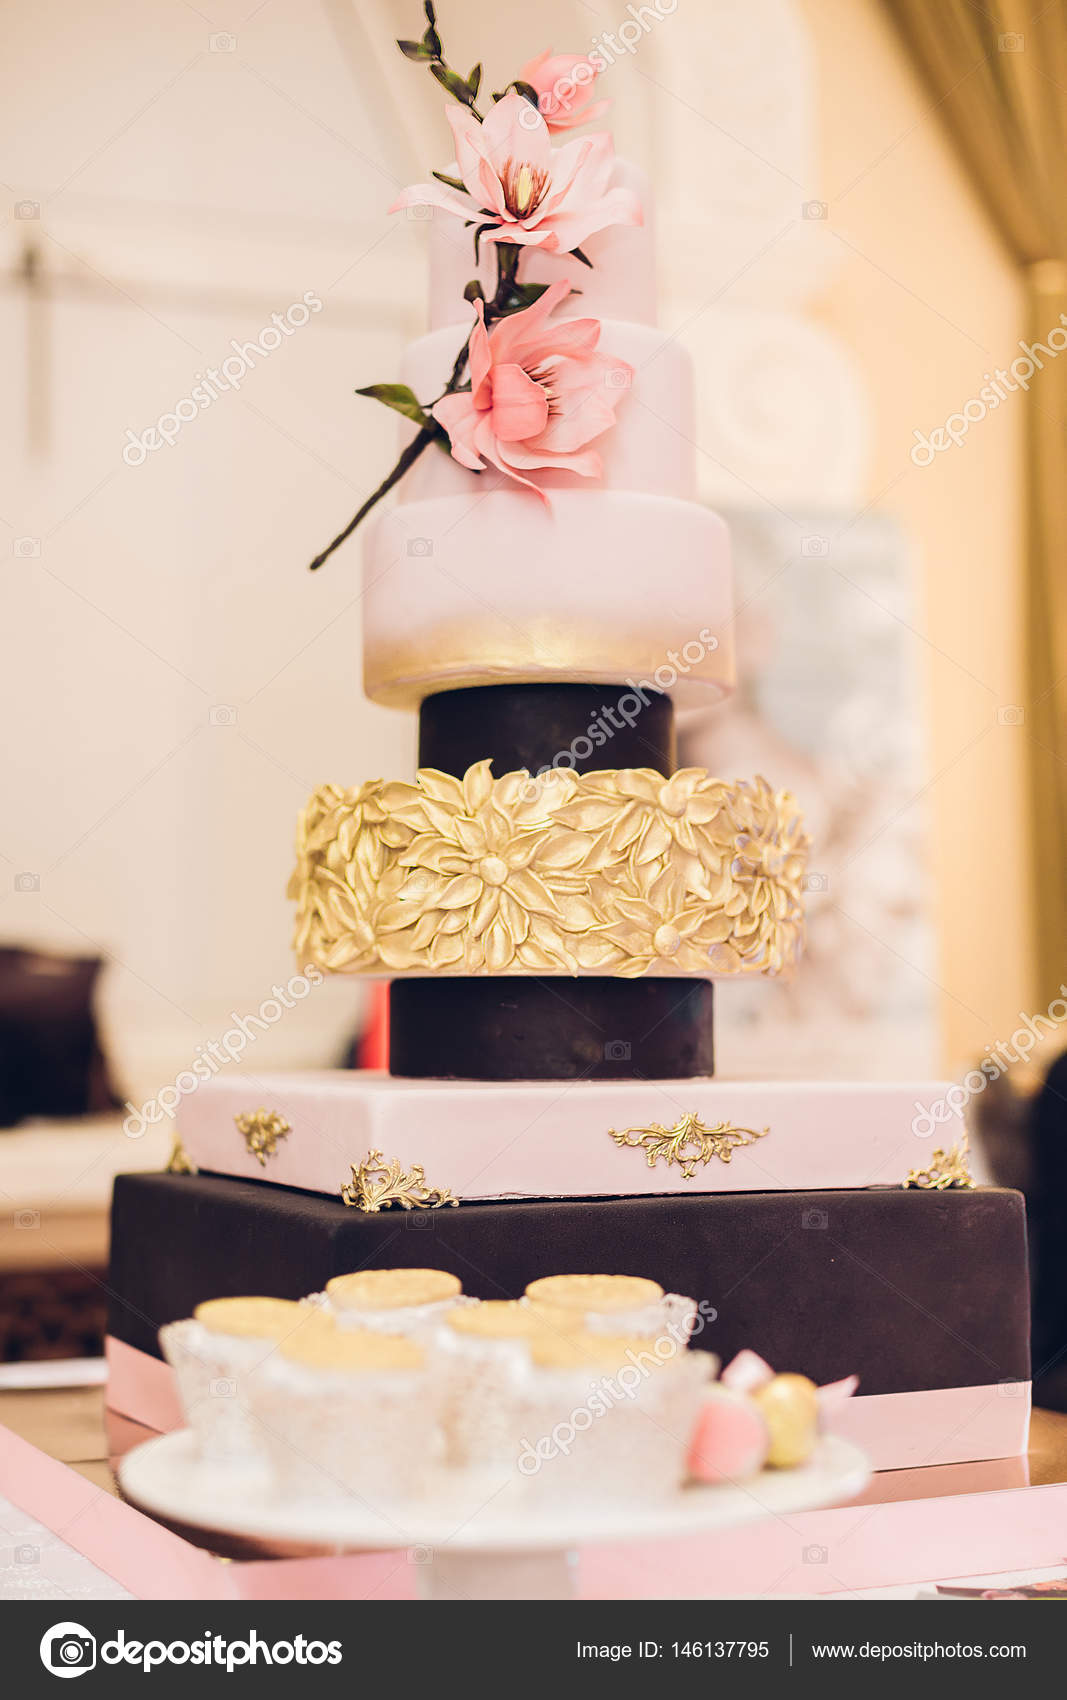 Schone Hochzeitstorte Dekoriert Mit Blumen Stockfoto C Erstudio